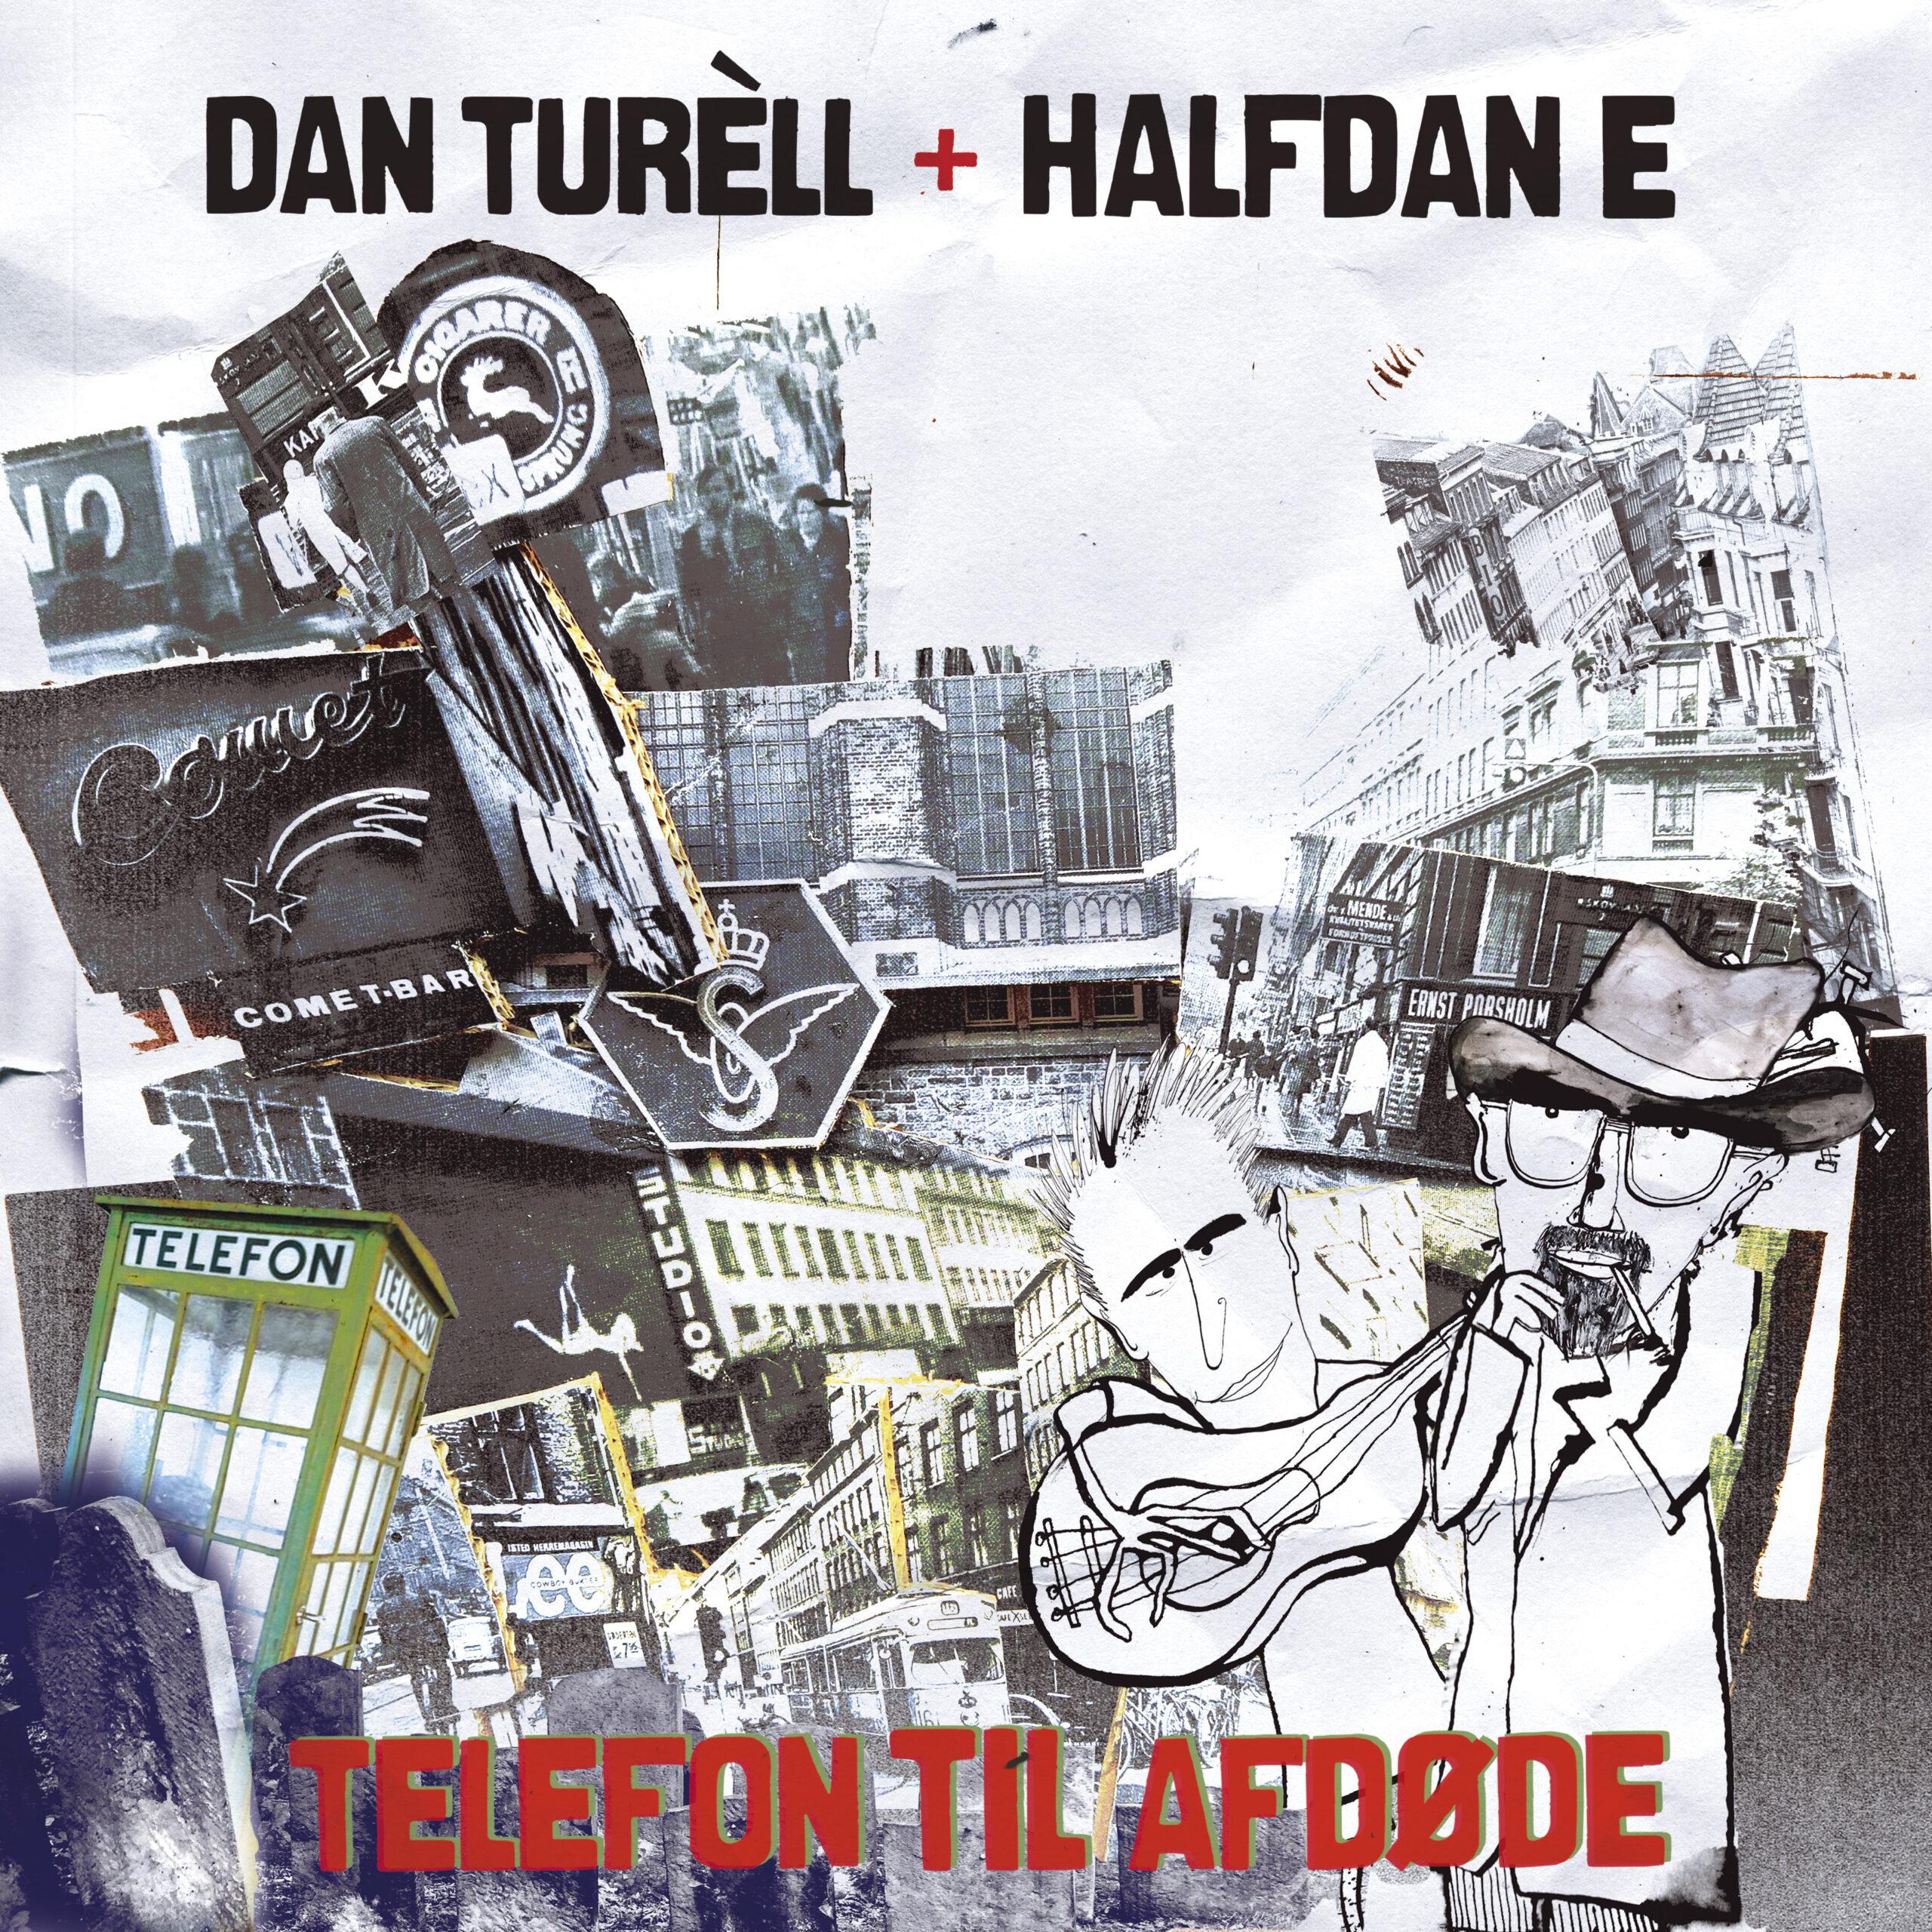 Dan Turèll + Halfdan E: Telefon til afdøde. Artwork: Jenz Koudahl